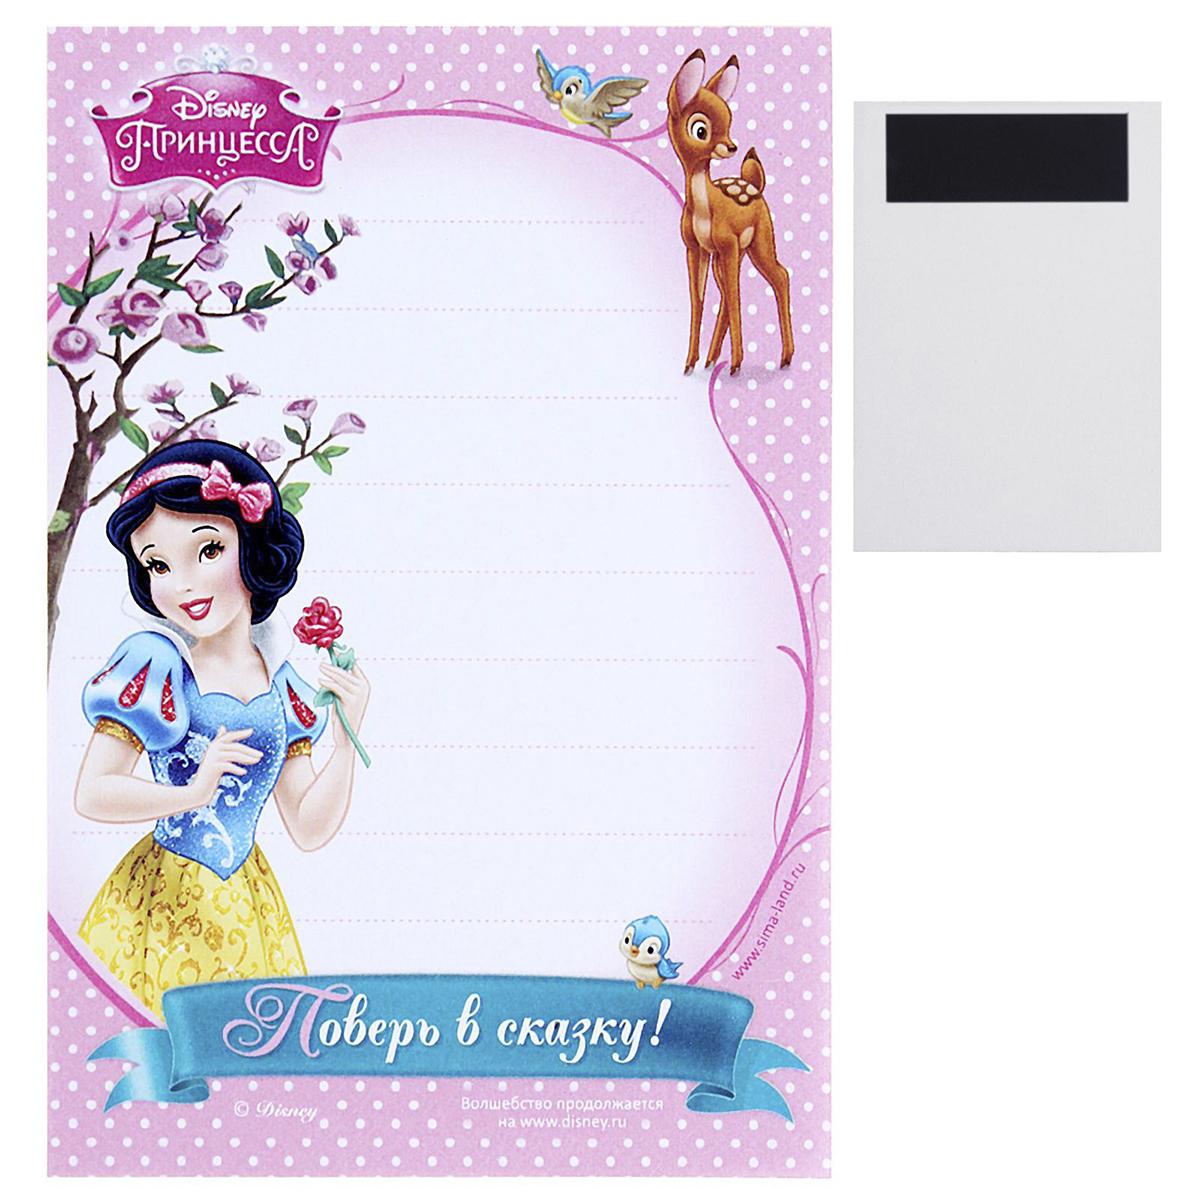 Disney Блок для записей Поверь в сказку 10 x 18 см 40 листов1128255Ваша маленькая принцесса будет в восторге от этого блока для записей с изображениемлюбимых героев диснеевского мультфильма. Этот бумажный блок можно повесить на холодильник и писать на листочках важные заметки илимилые пожелания своим близким. Канцтовары должны приносить пользу и радовать глаз. Блок для записей успешно справится сэтими задачами.